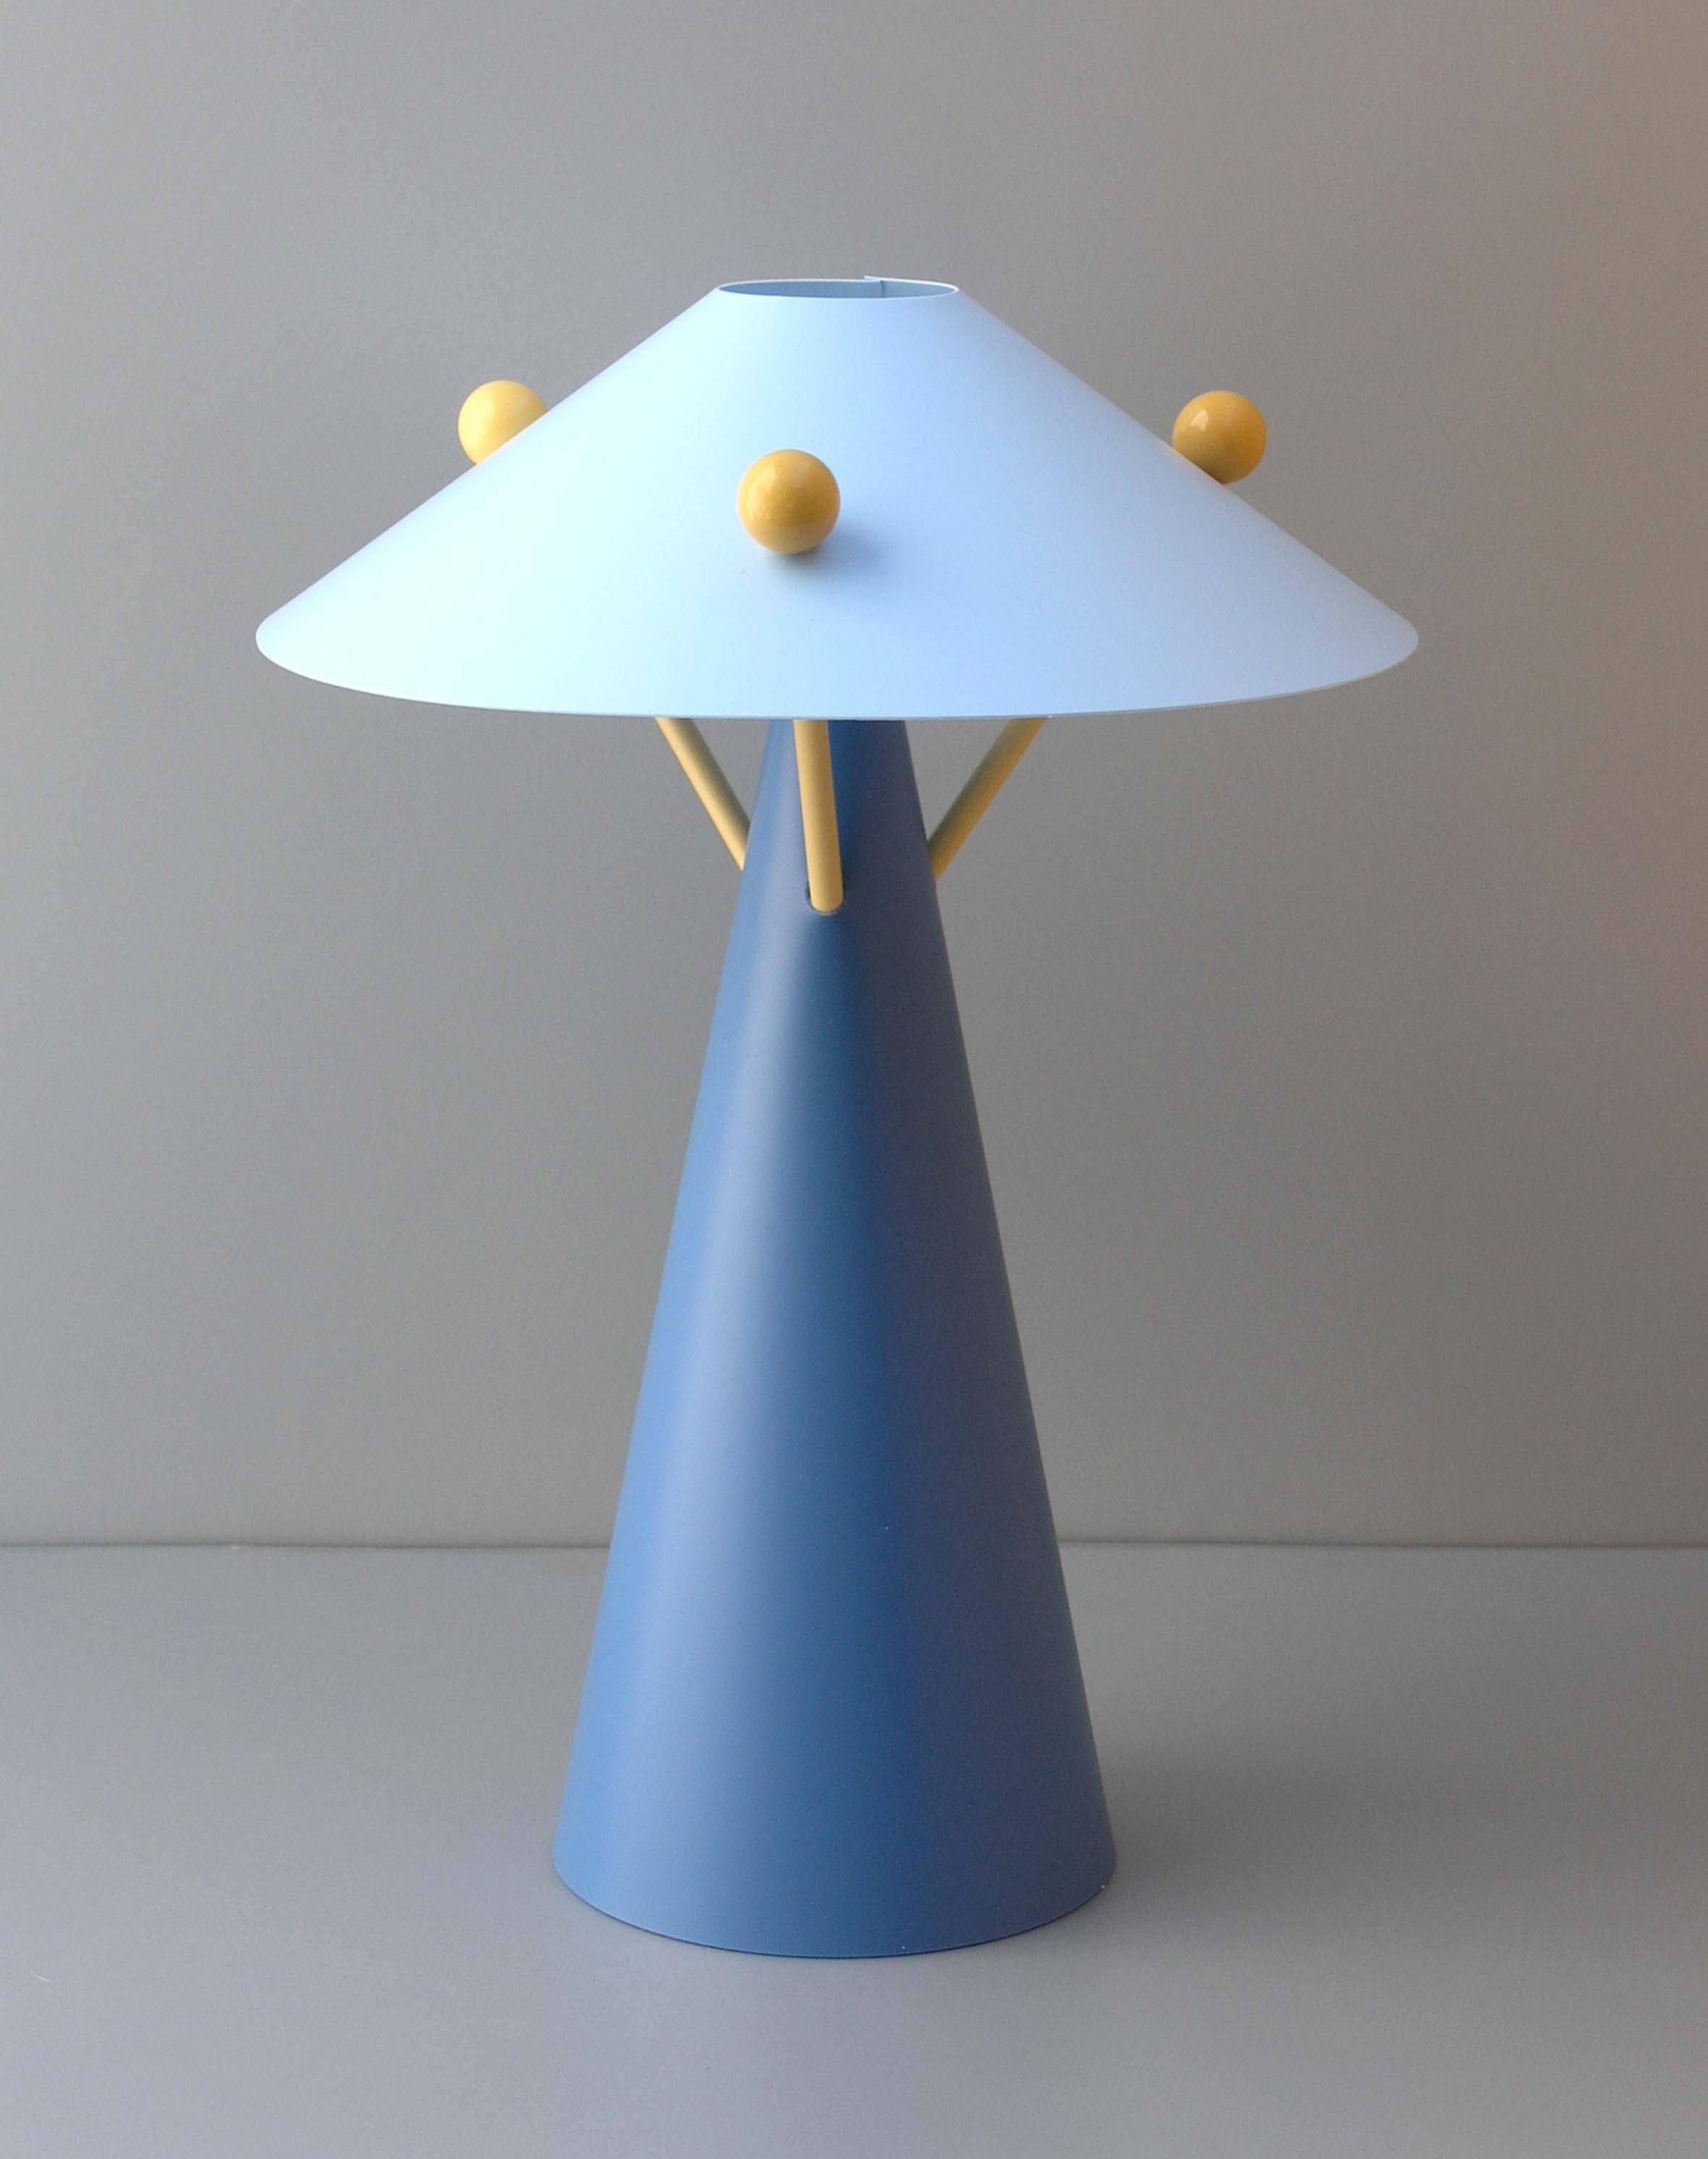 Petite Lampe De Chevet Led Design En Image